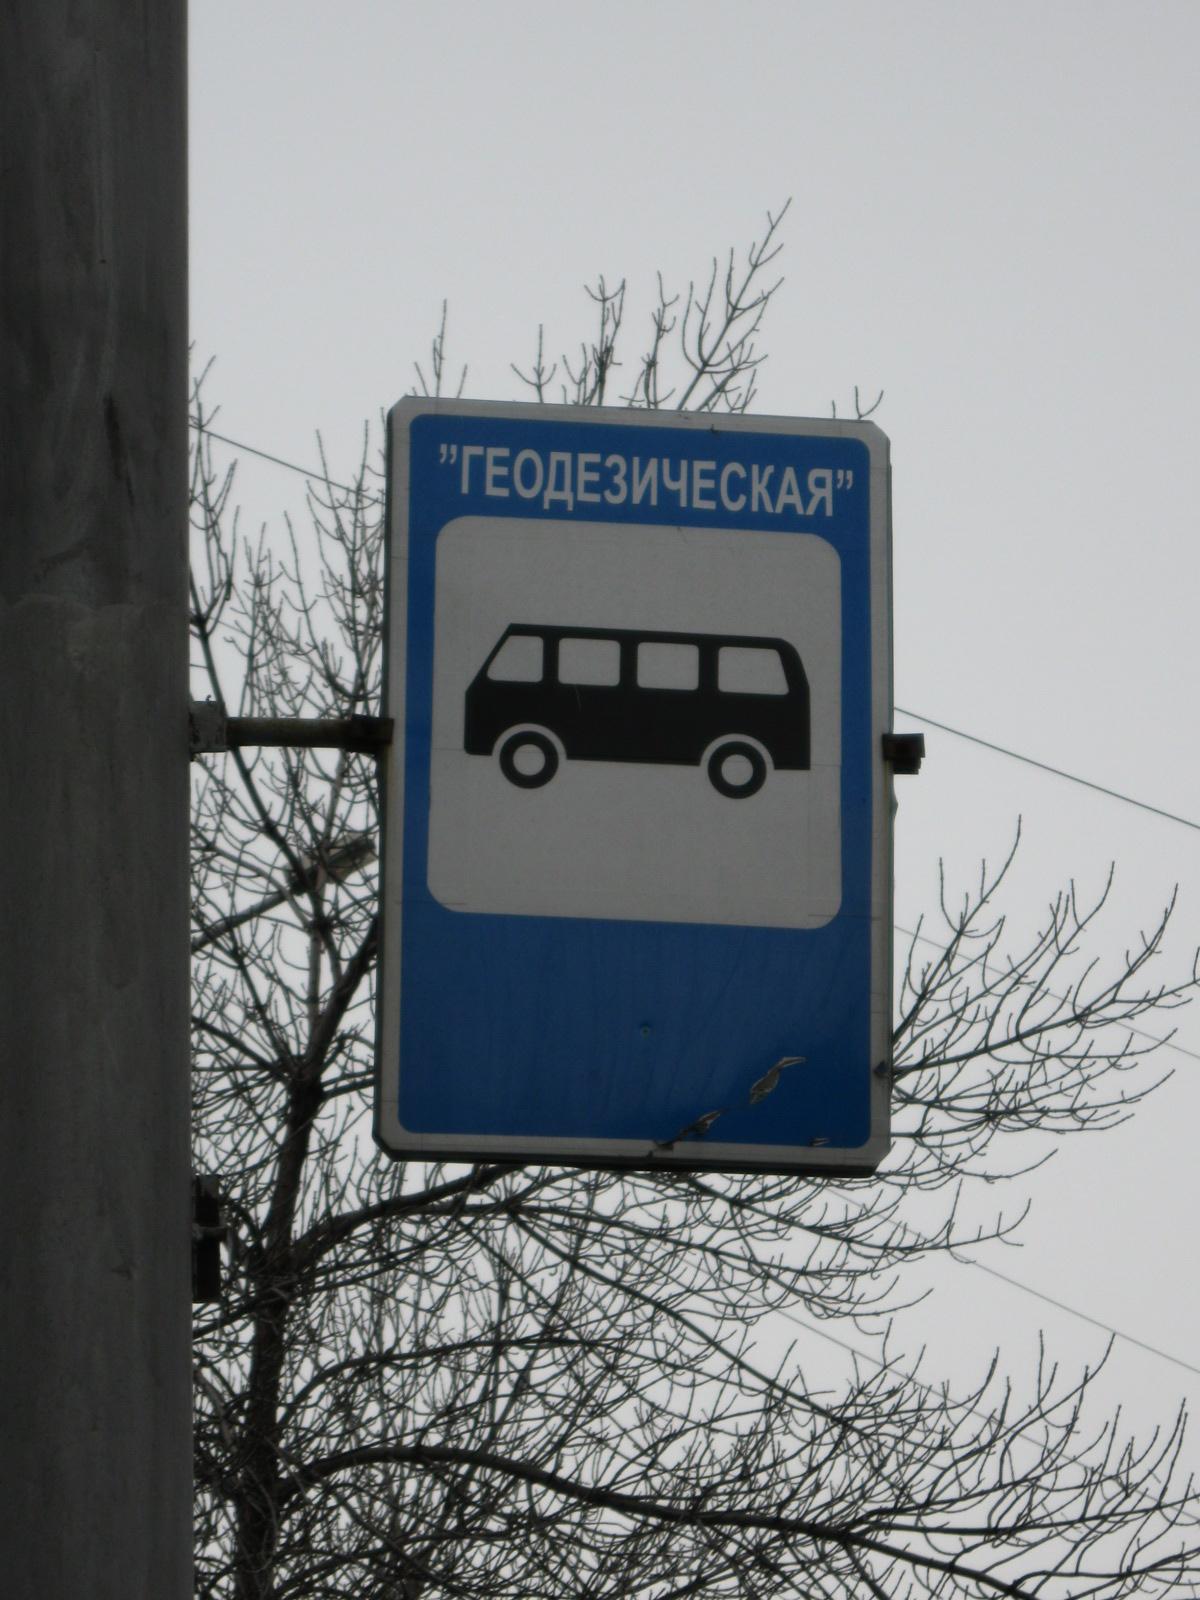 http://img-fotki.yandex.ru/get/5644/53980299.0/0_86679_3413bd58_orig